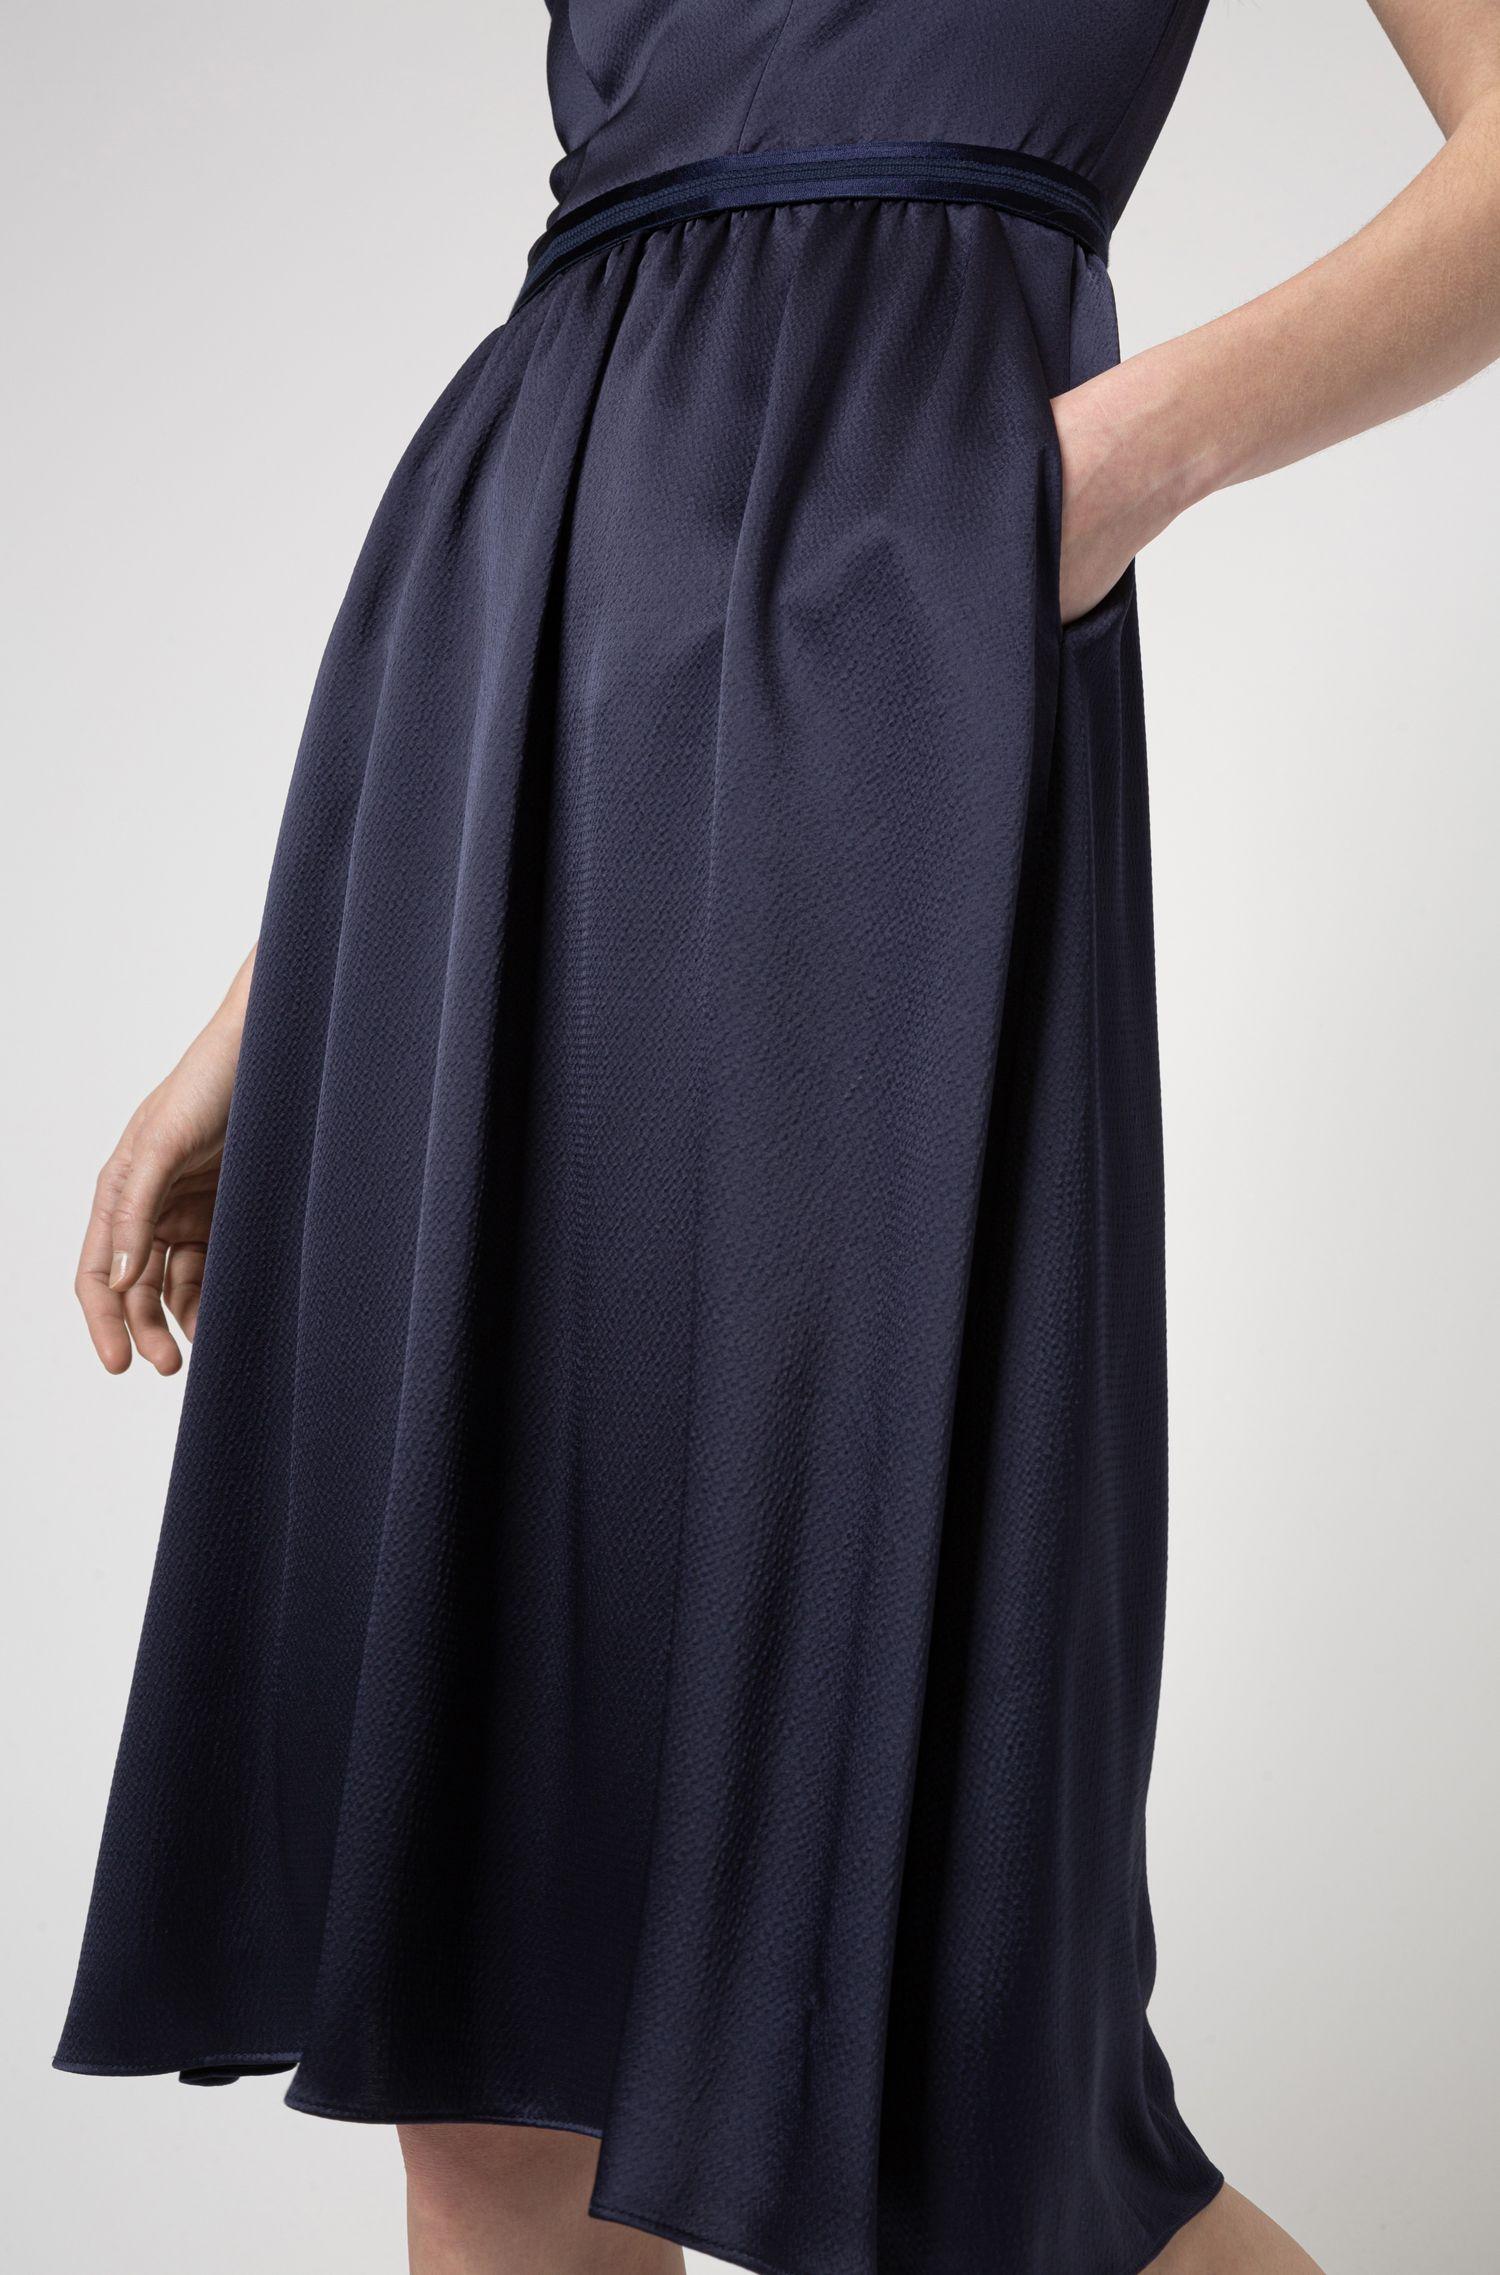 Robe évasée en crêpe martelé à ceinture contrastante, Bleu